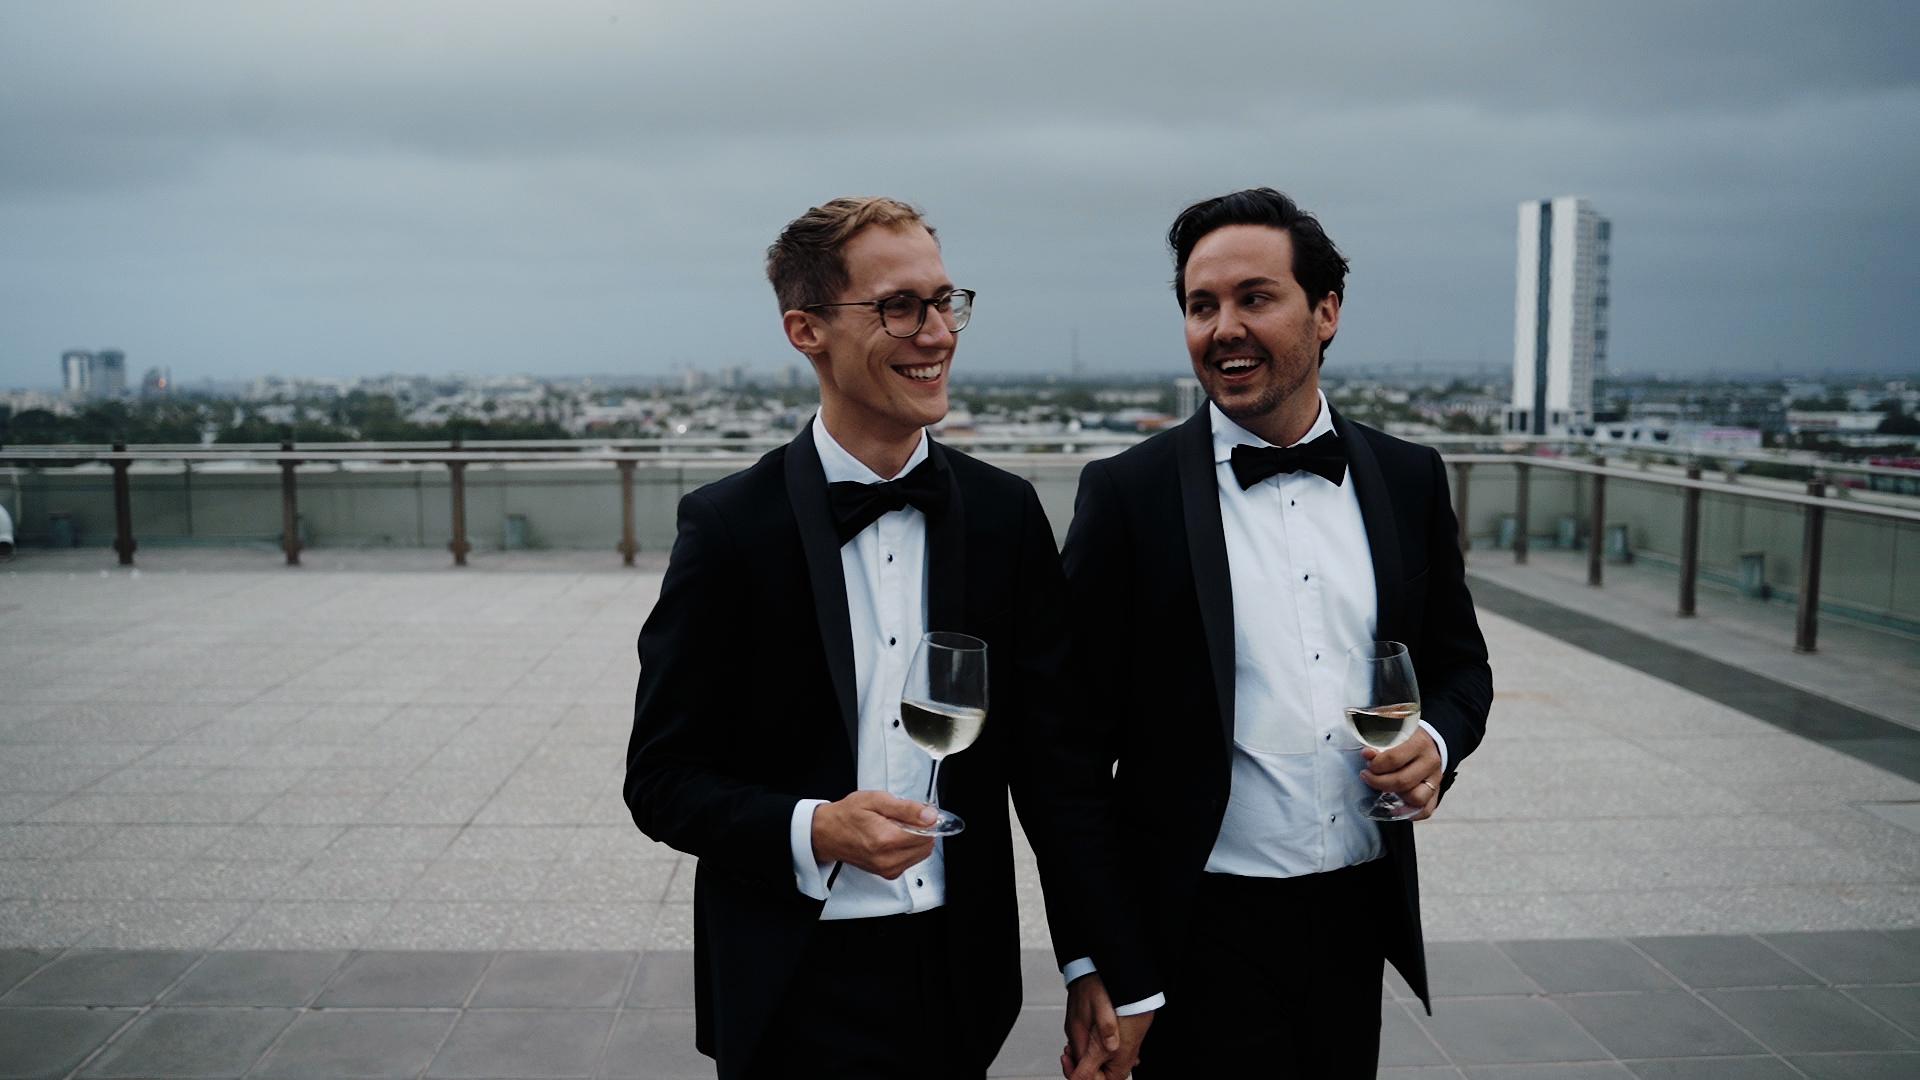 Anton + Lahn | Melbourne, Australia | Luminare